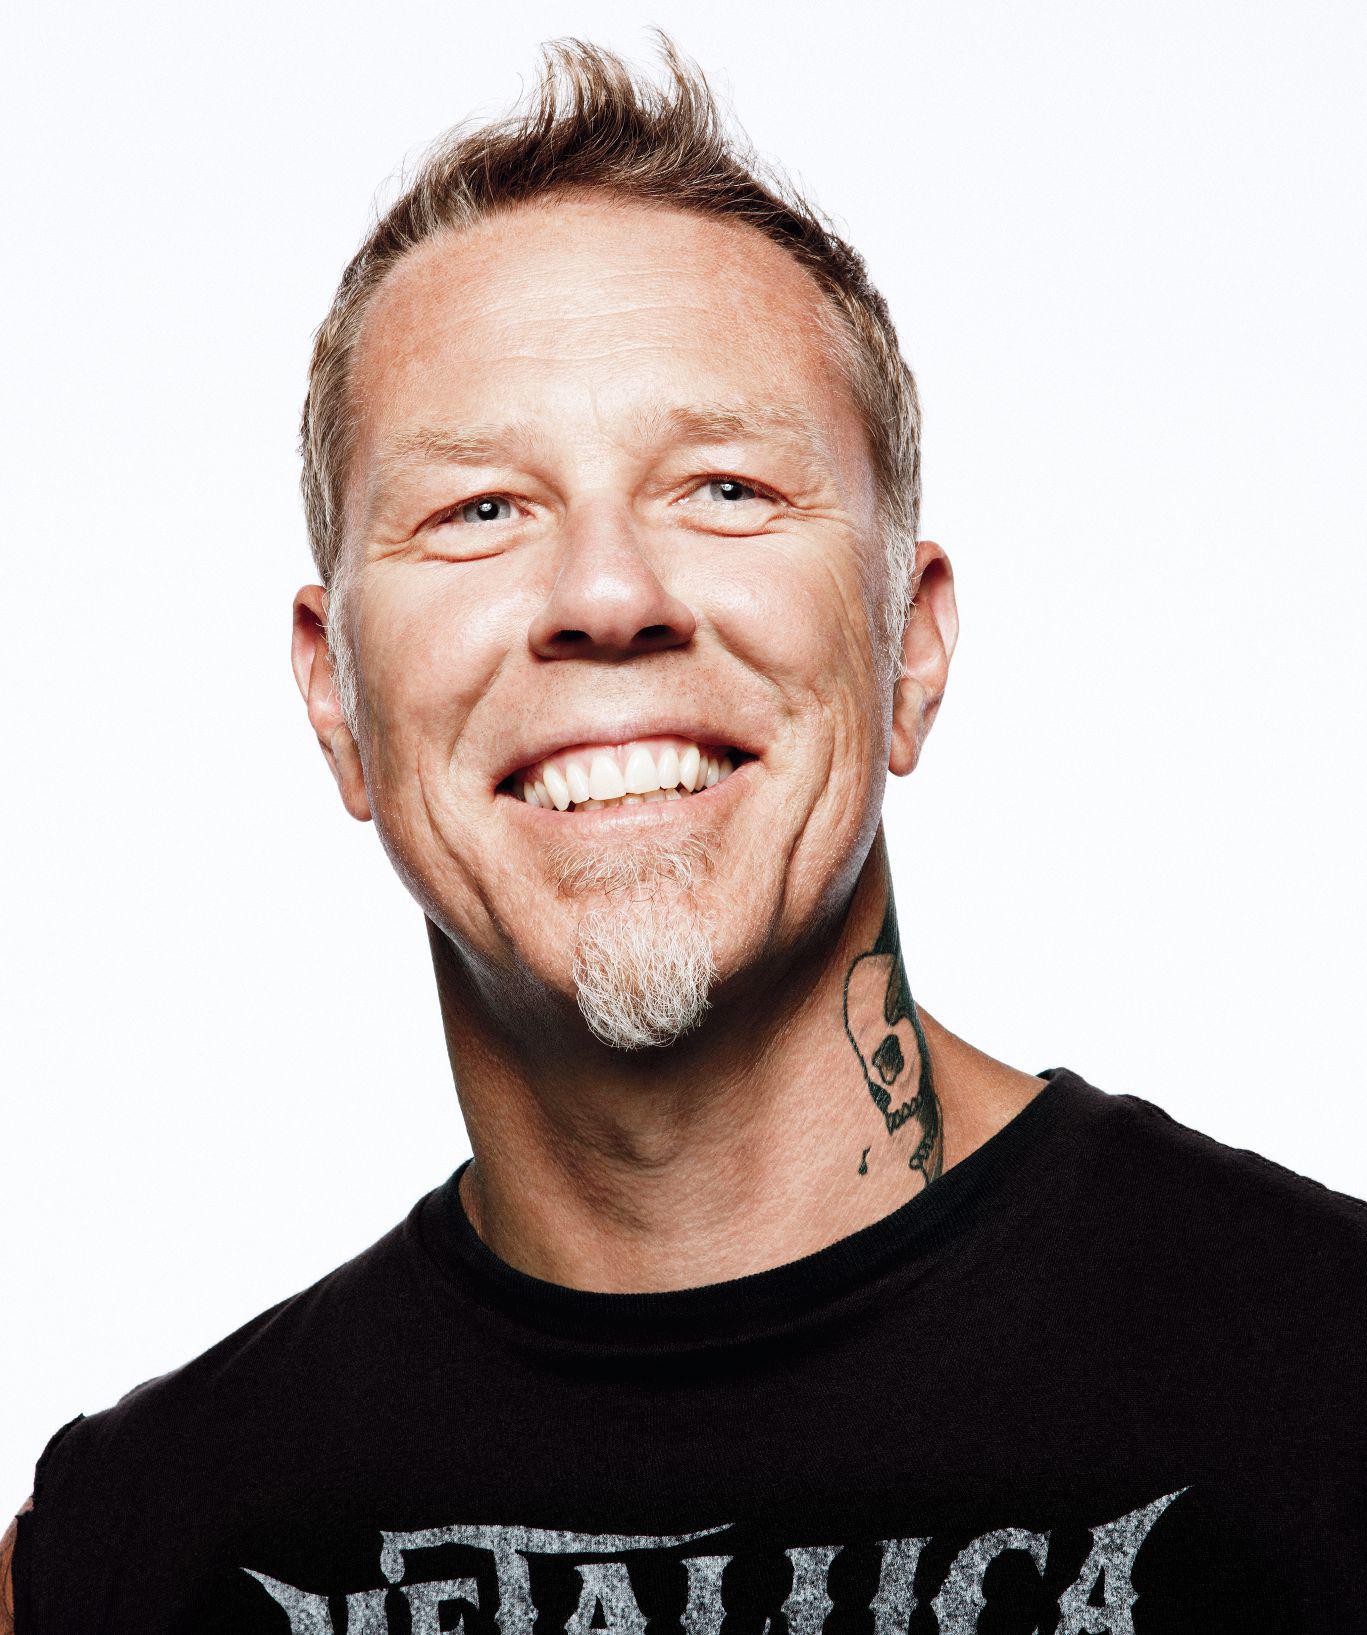 James Hetfield's quote #5